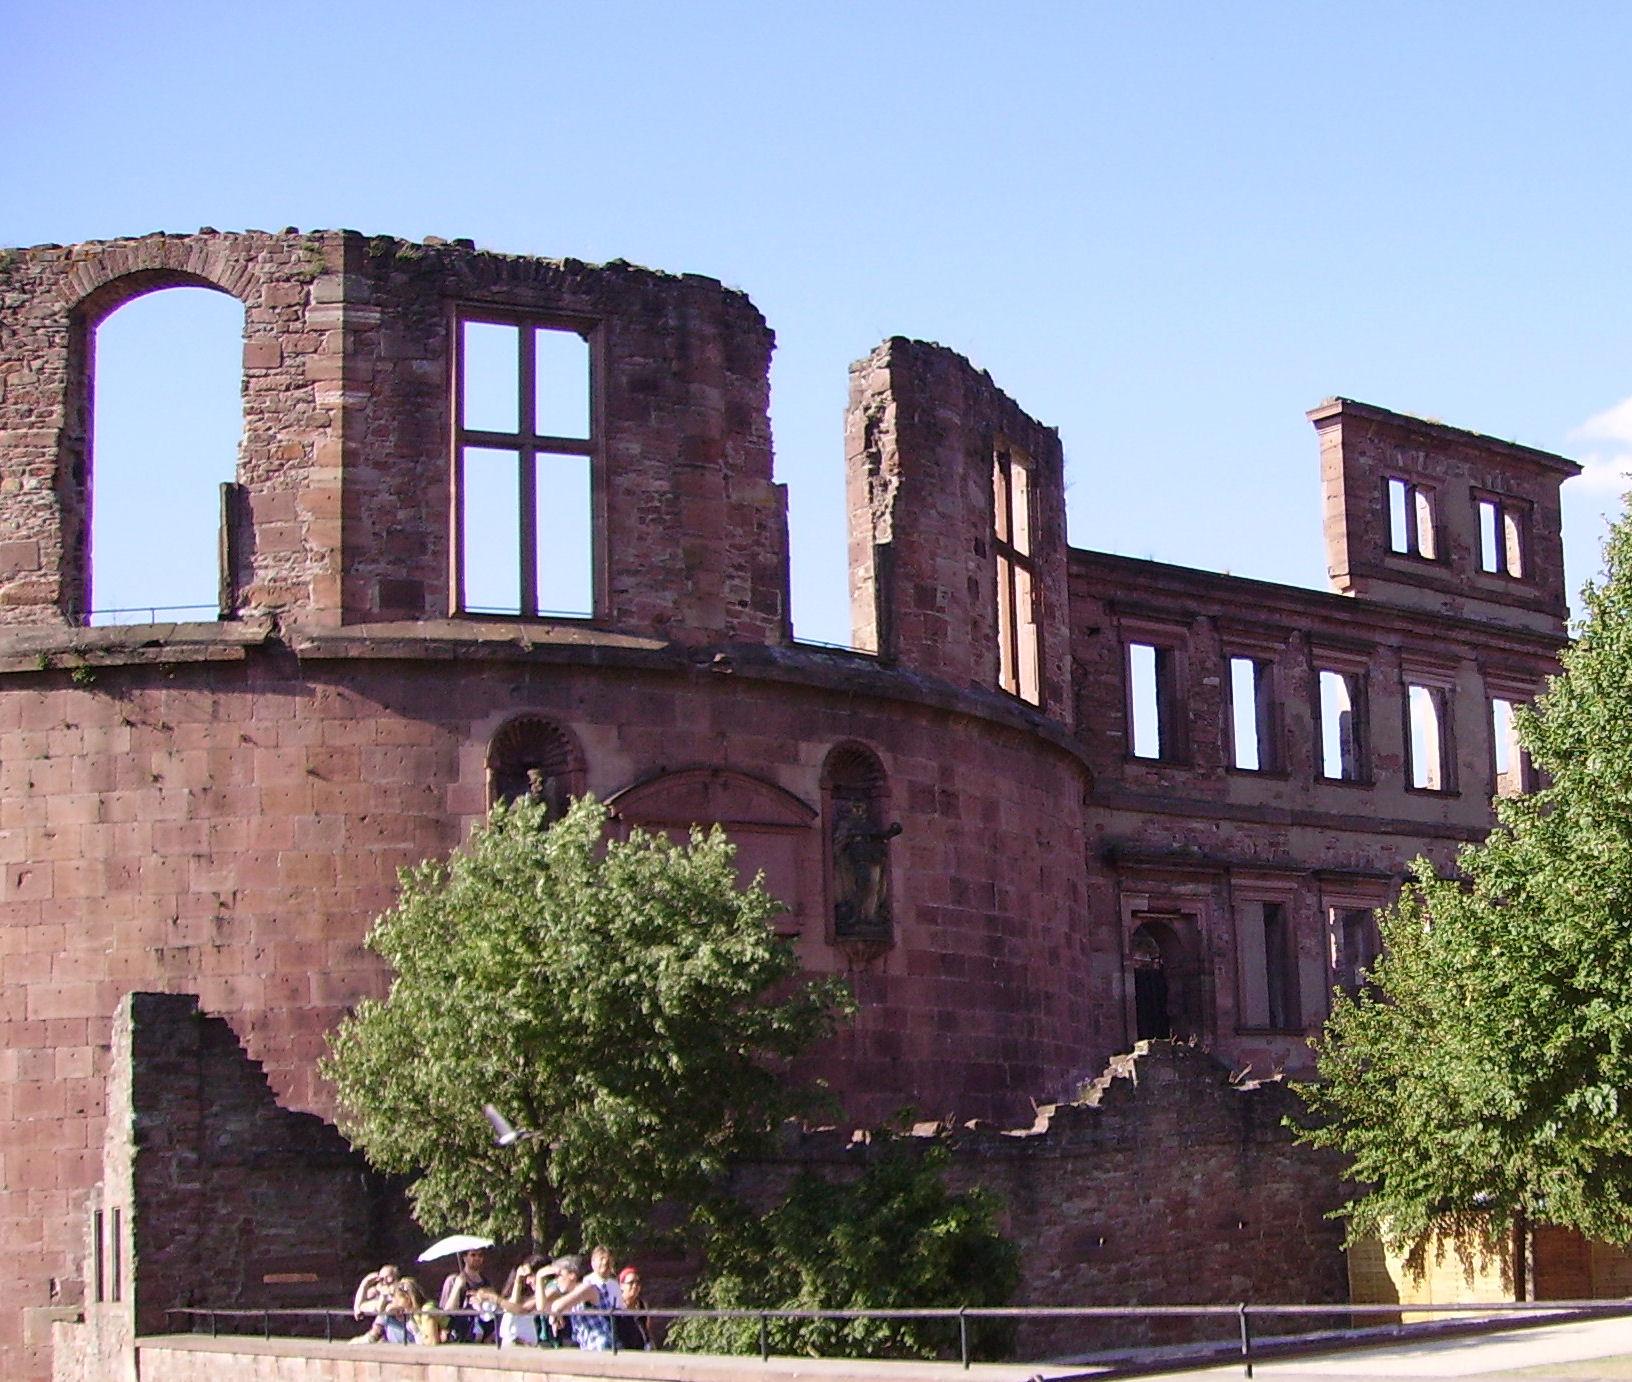 Botanischer Garten Heidelberg Einzigartig File Dicker Turm Und Englischer Bau Am Heidelberger Schloss